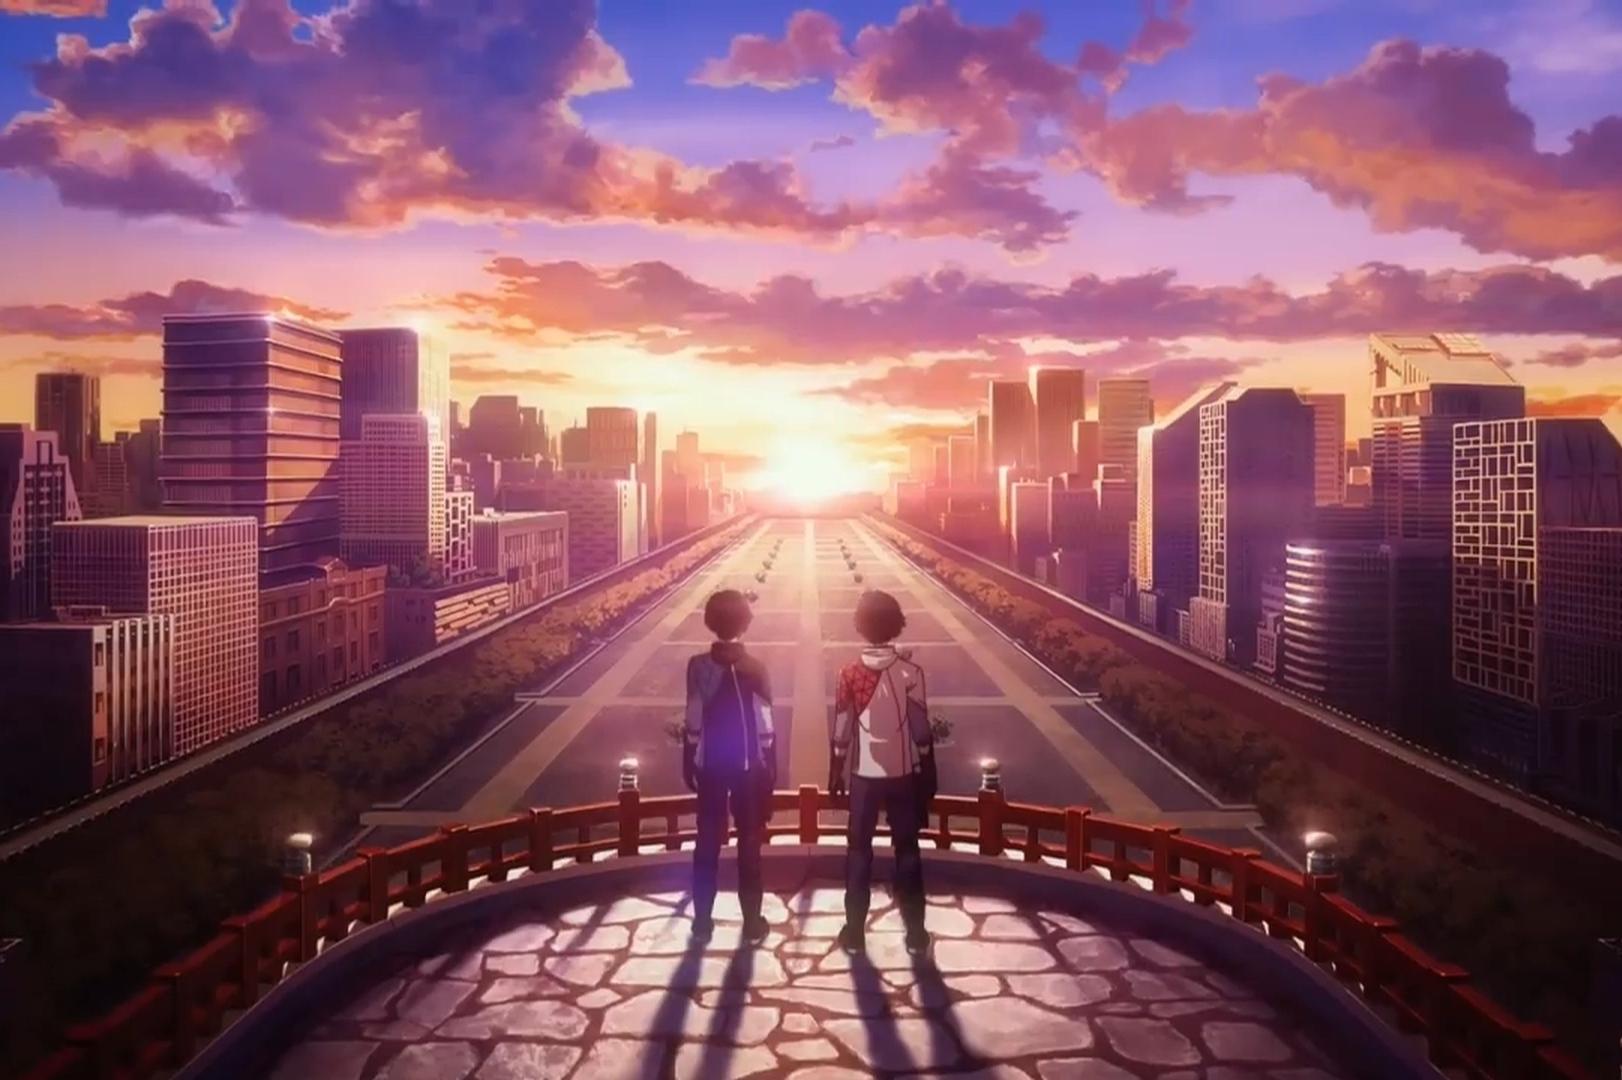 即便明天世界终结